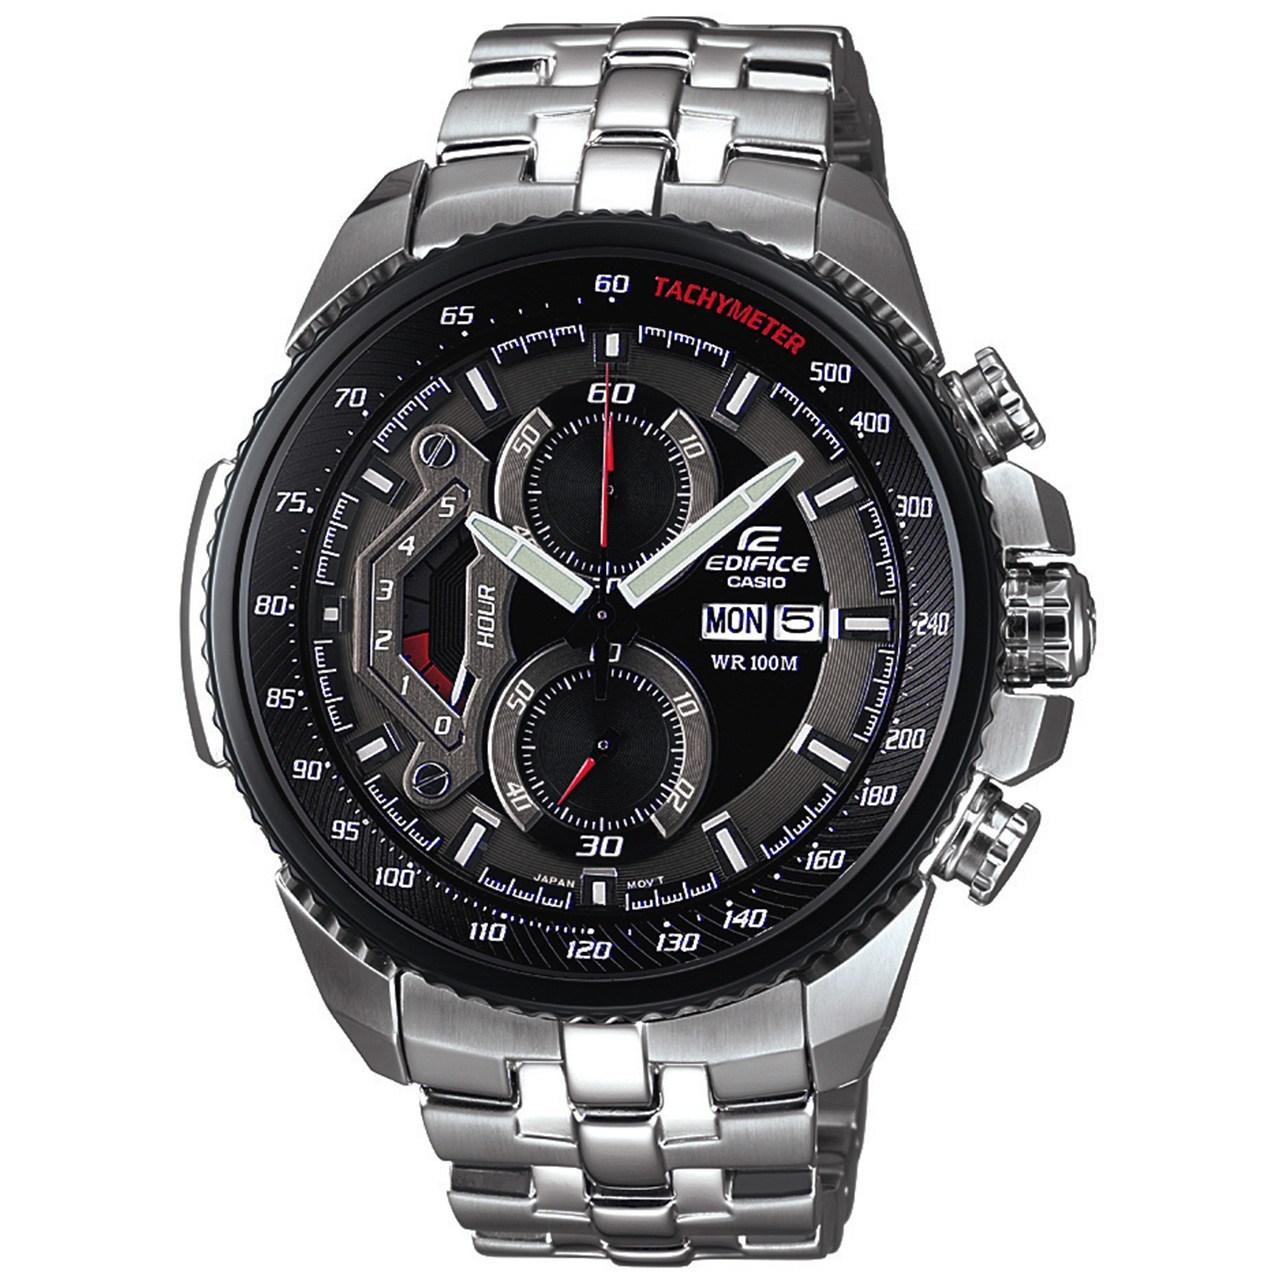 ساعت مچی عقربه ای مردانه کاسیو مدل Edifice EF-558D-1AVUDF              خرید (⭐️⭐️⭐️)